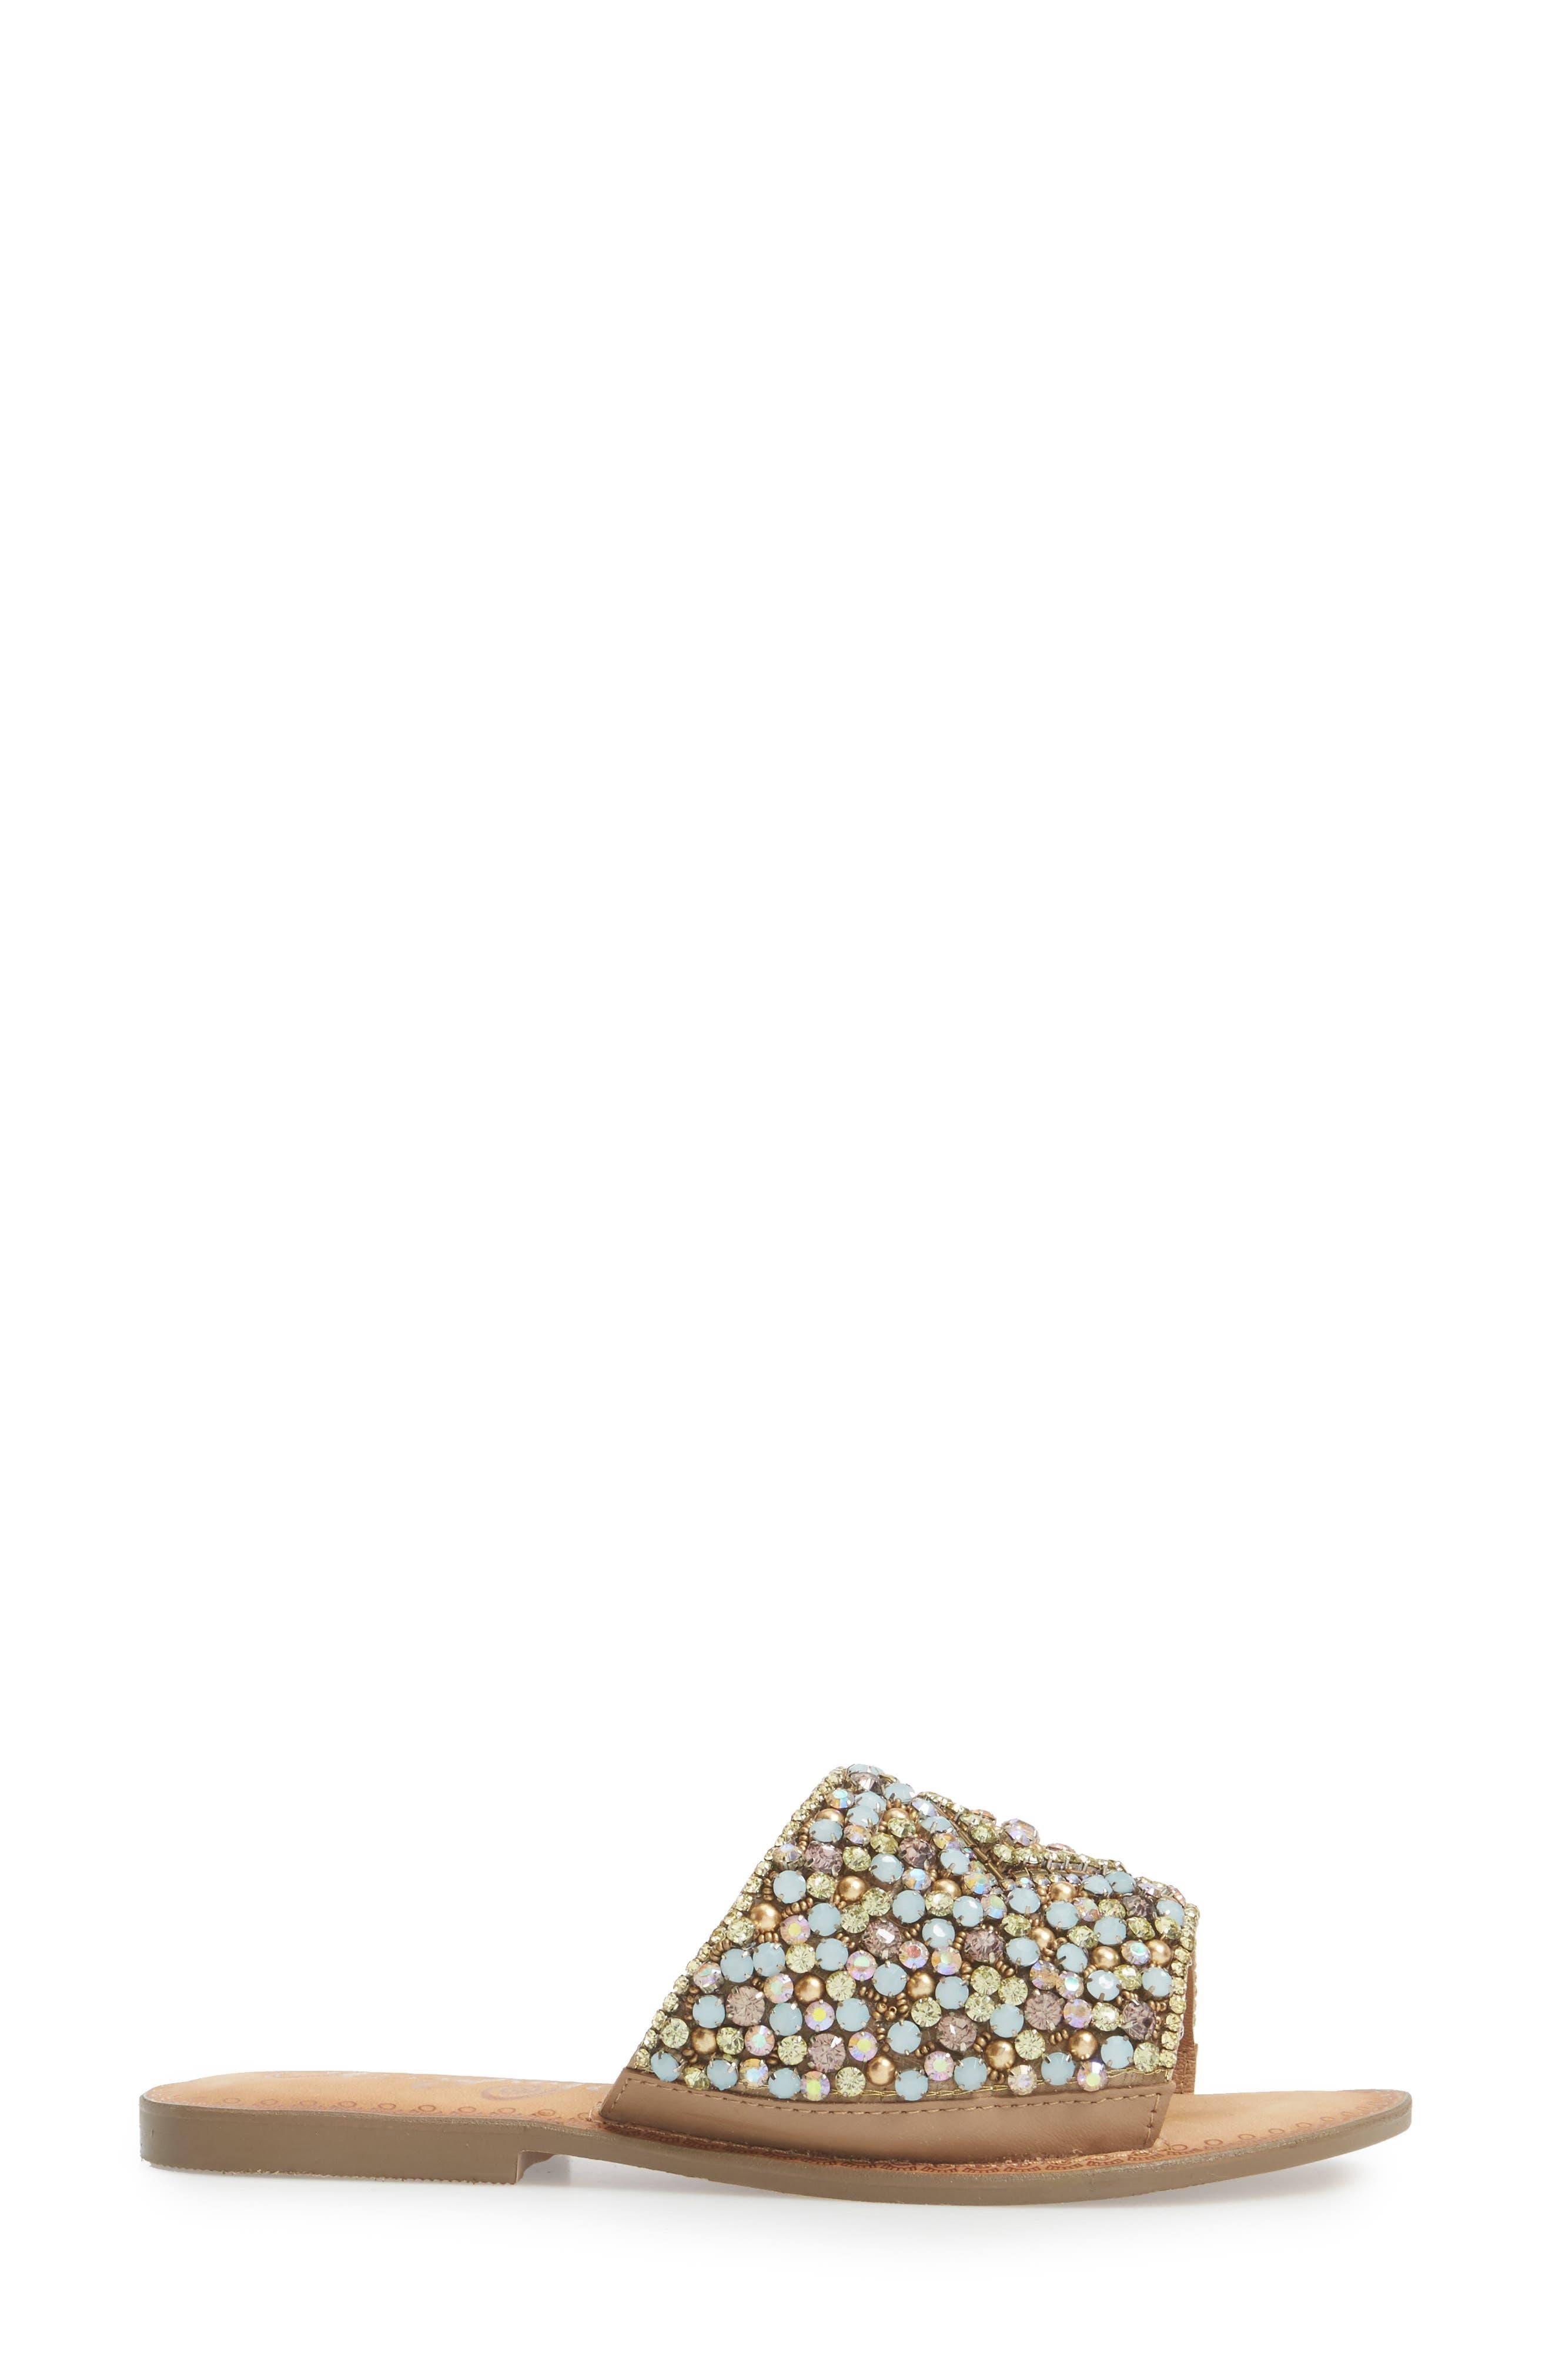 Susanna Embellished Slide Sandal,                             Alternate thumbnail 3, color,                             Multi Leather